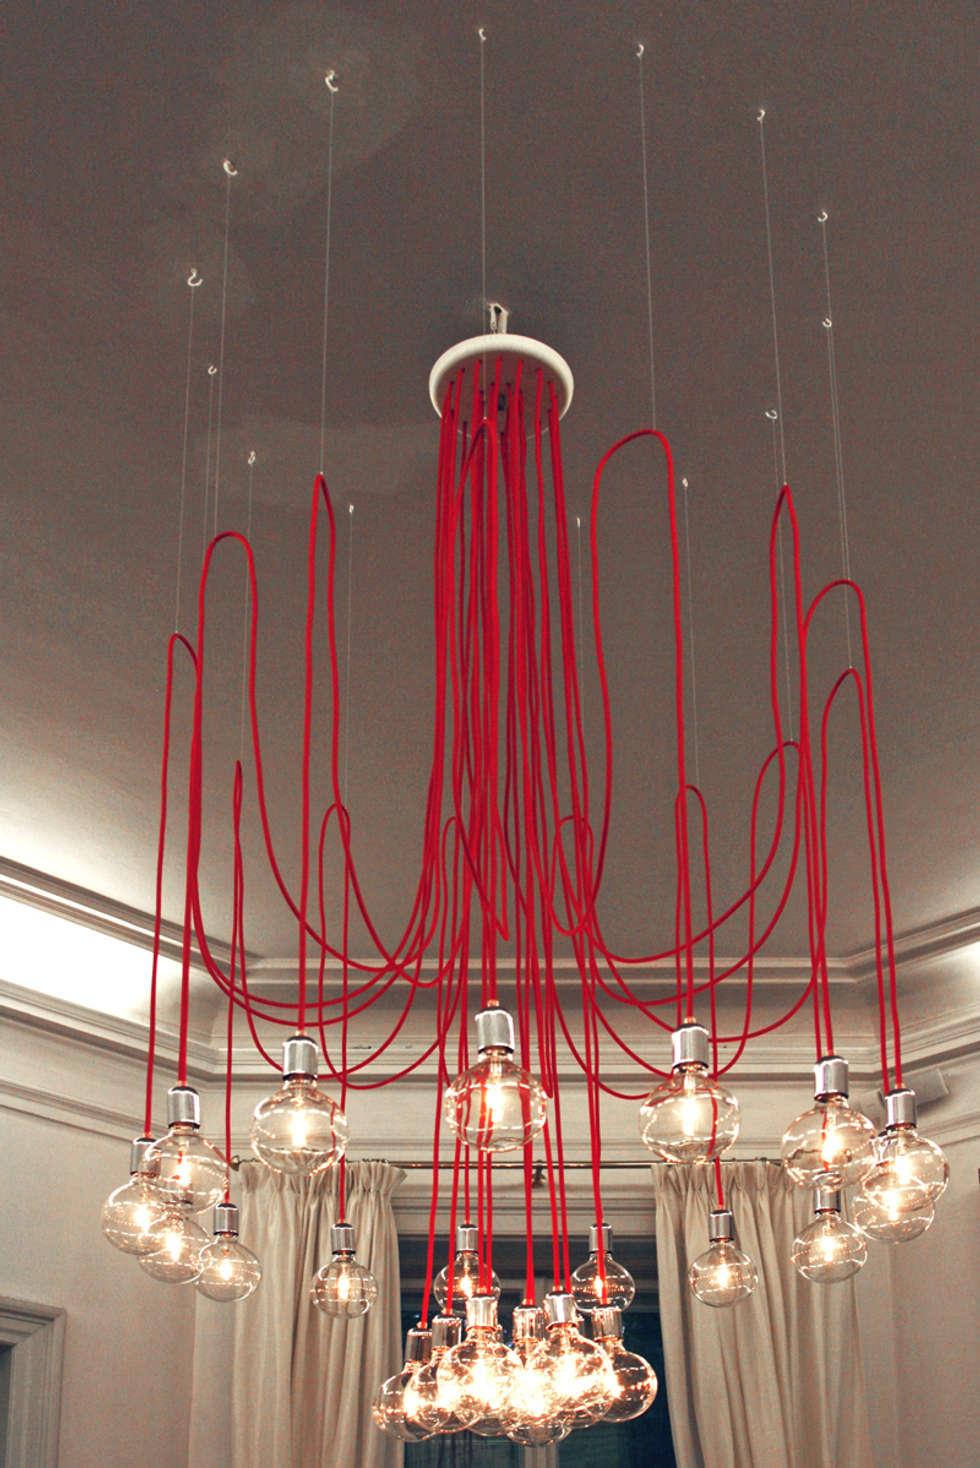 Lampa CableTWENTYFOUR w endorfina foksal: styl , w kategorii Gastronomia zaprojektowany przez CablePower